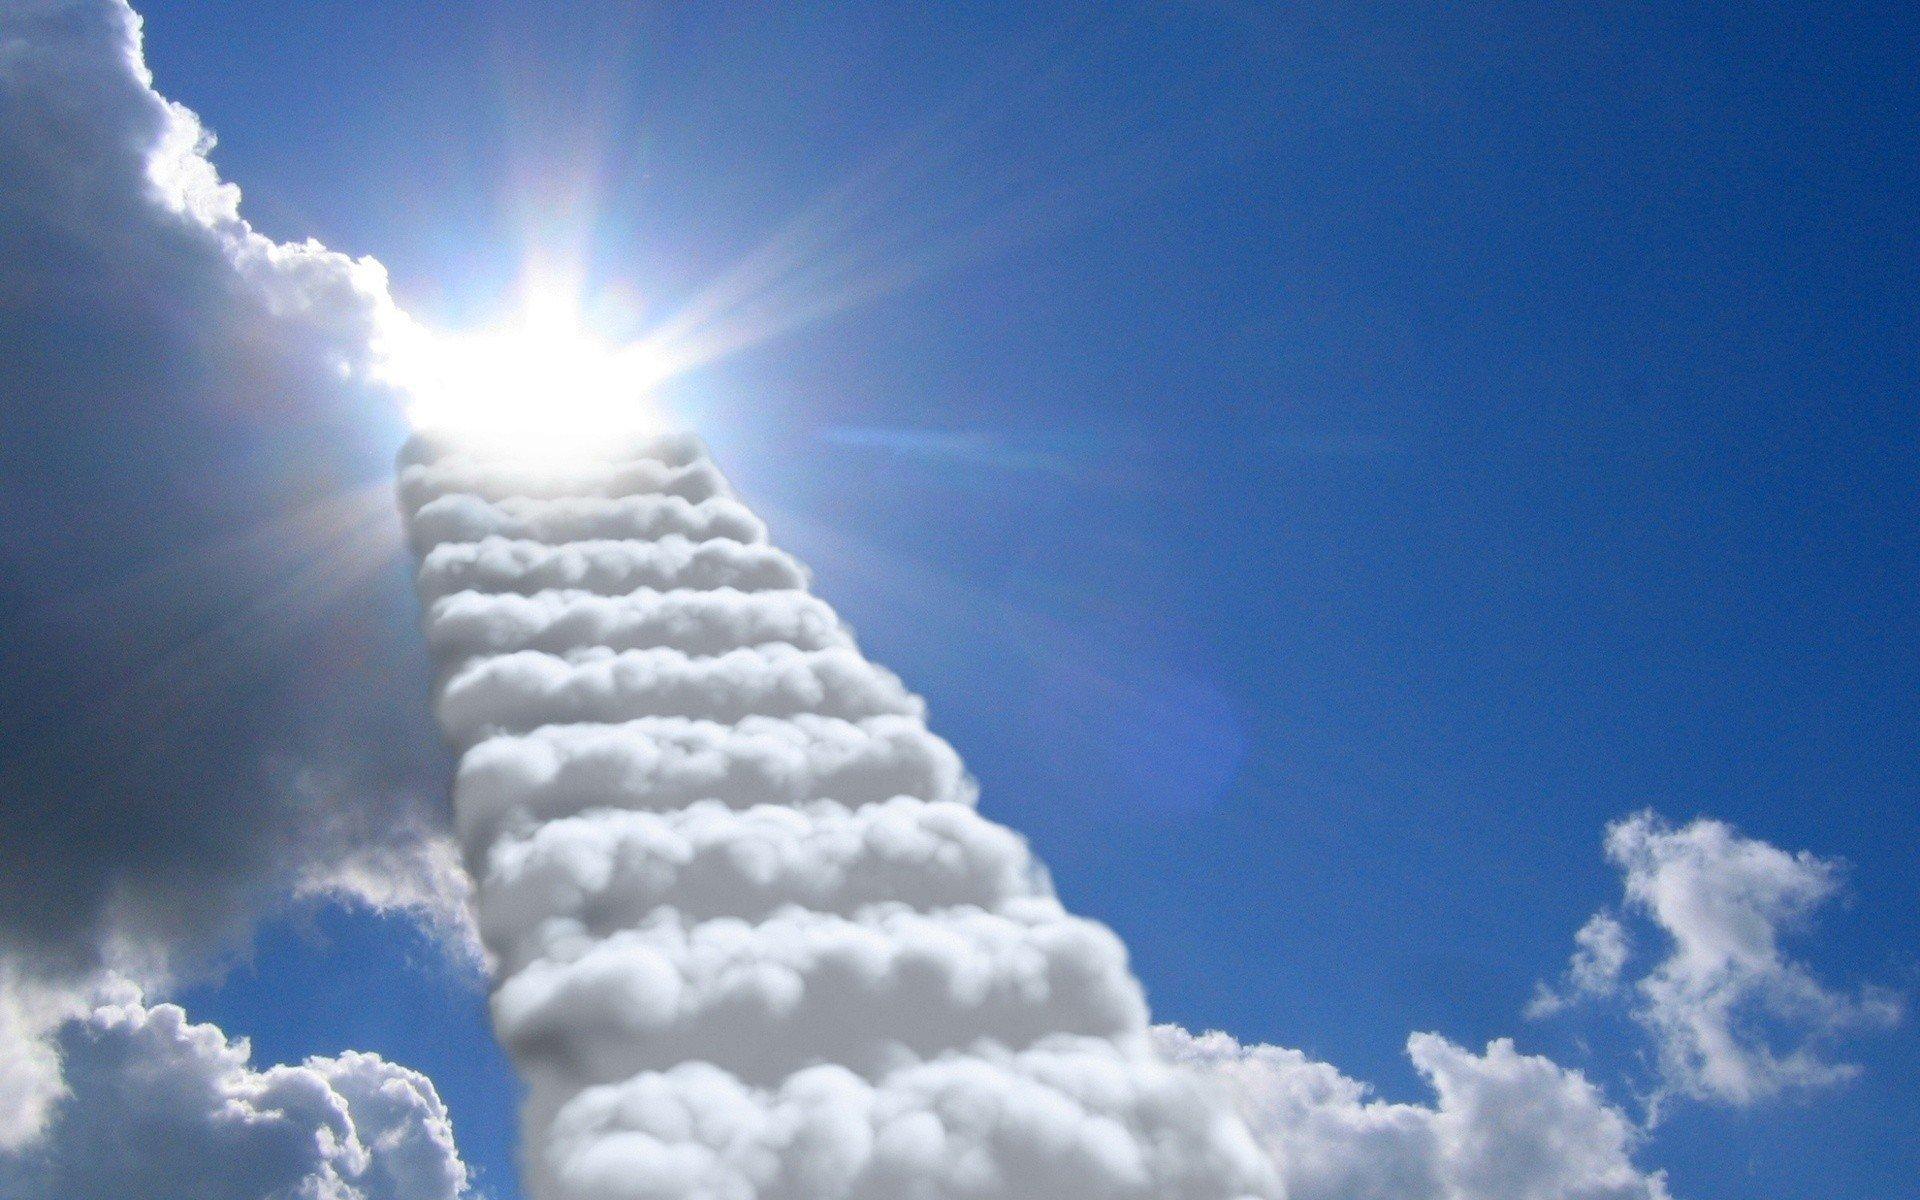 красивые картинки о душе и боге общем